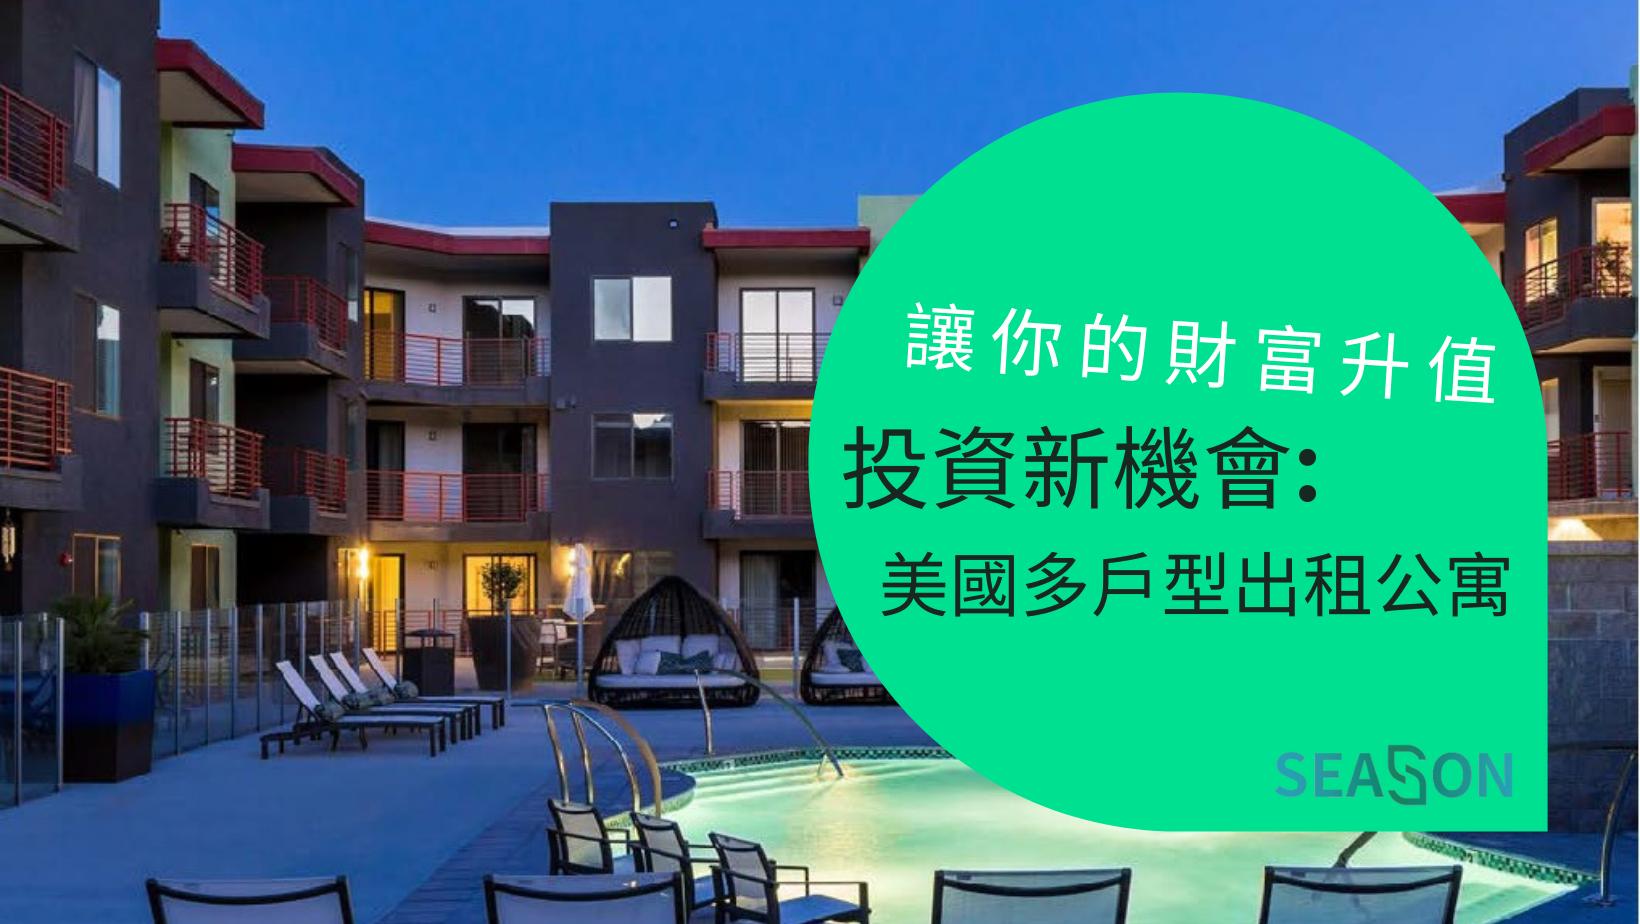 【投資機會】讓你的財富升值 投資新機會 美國多戶型出租公寓